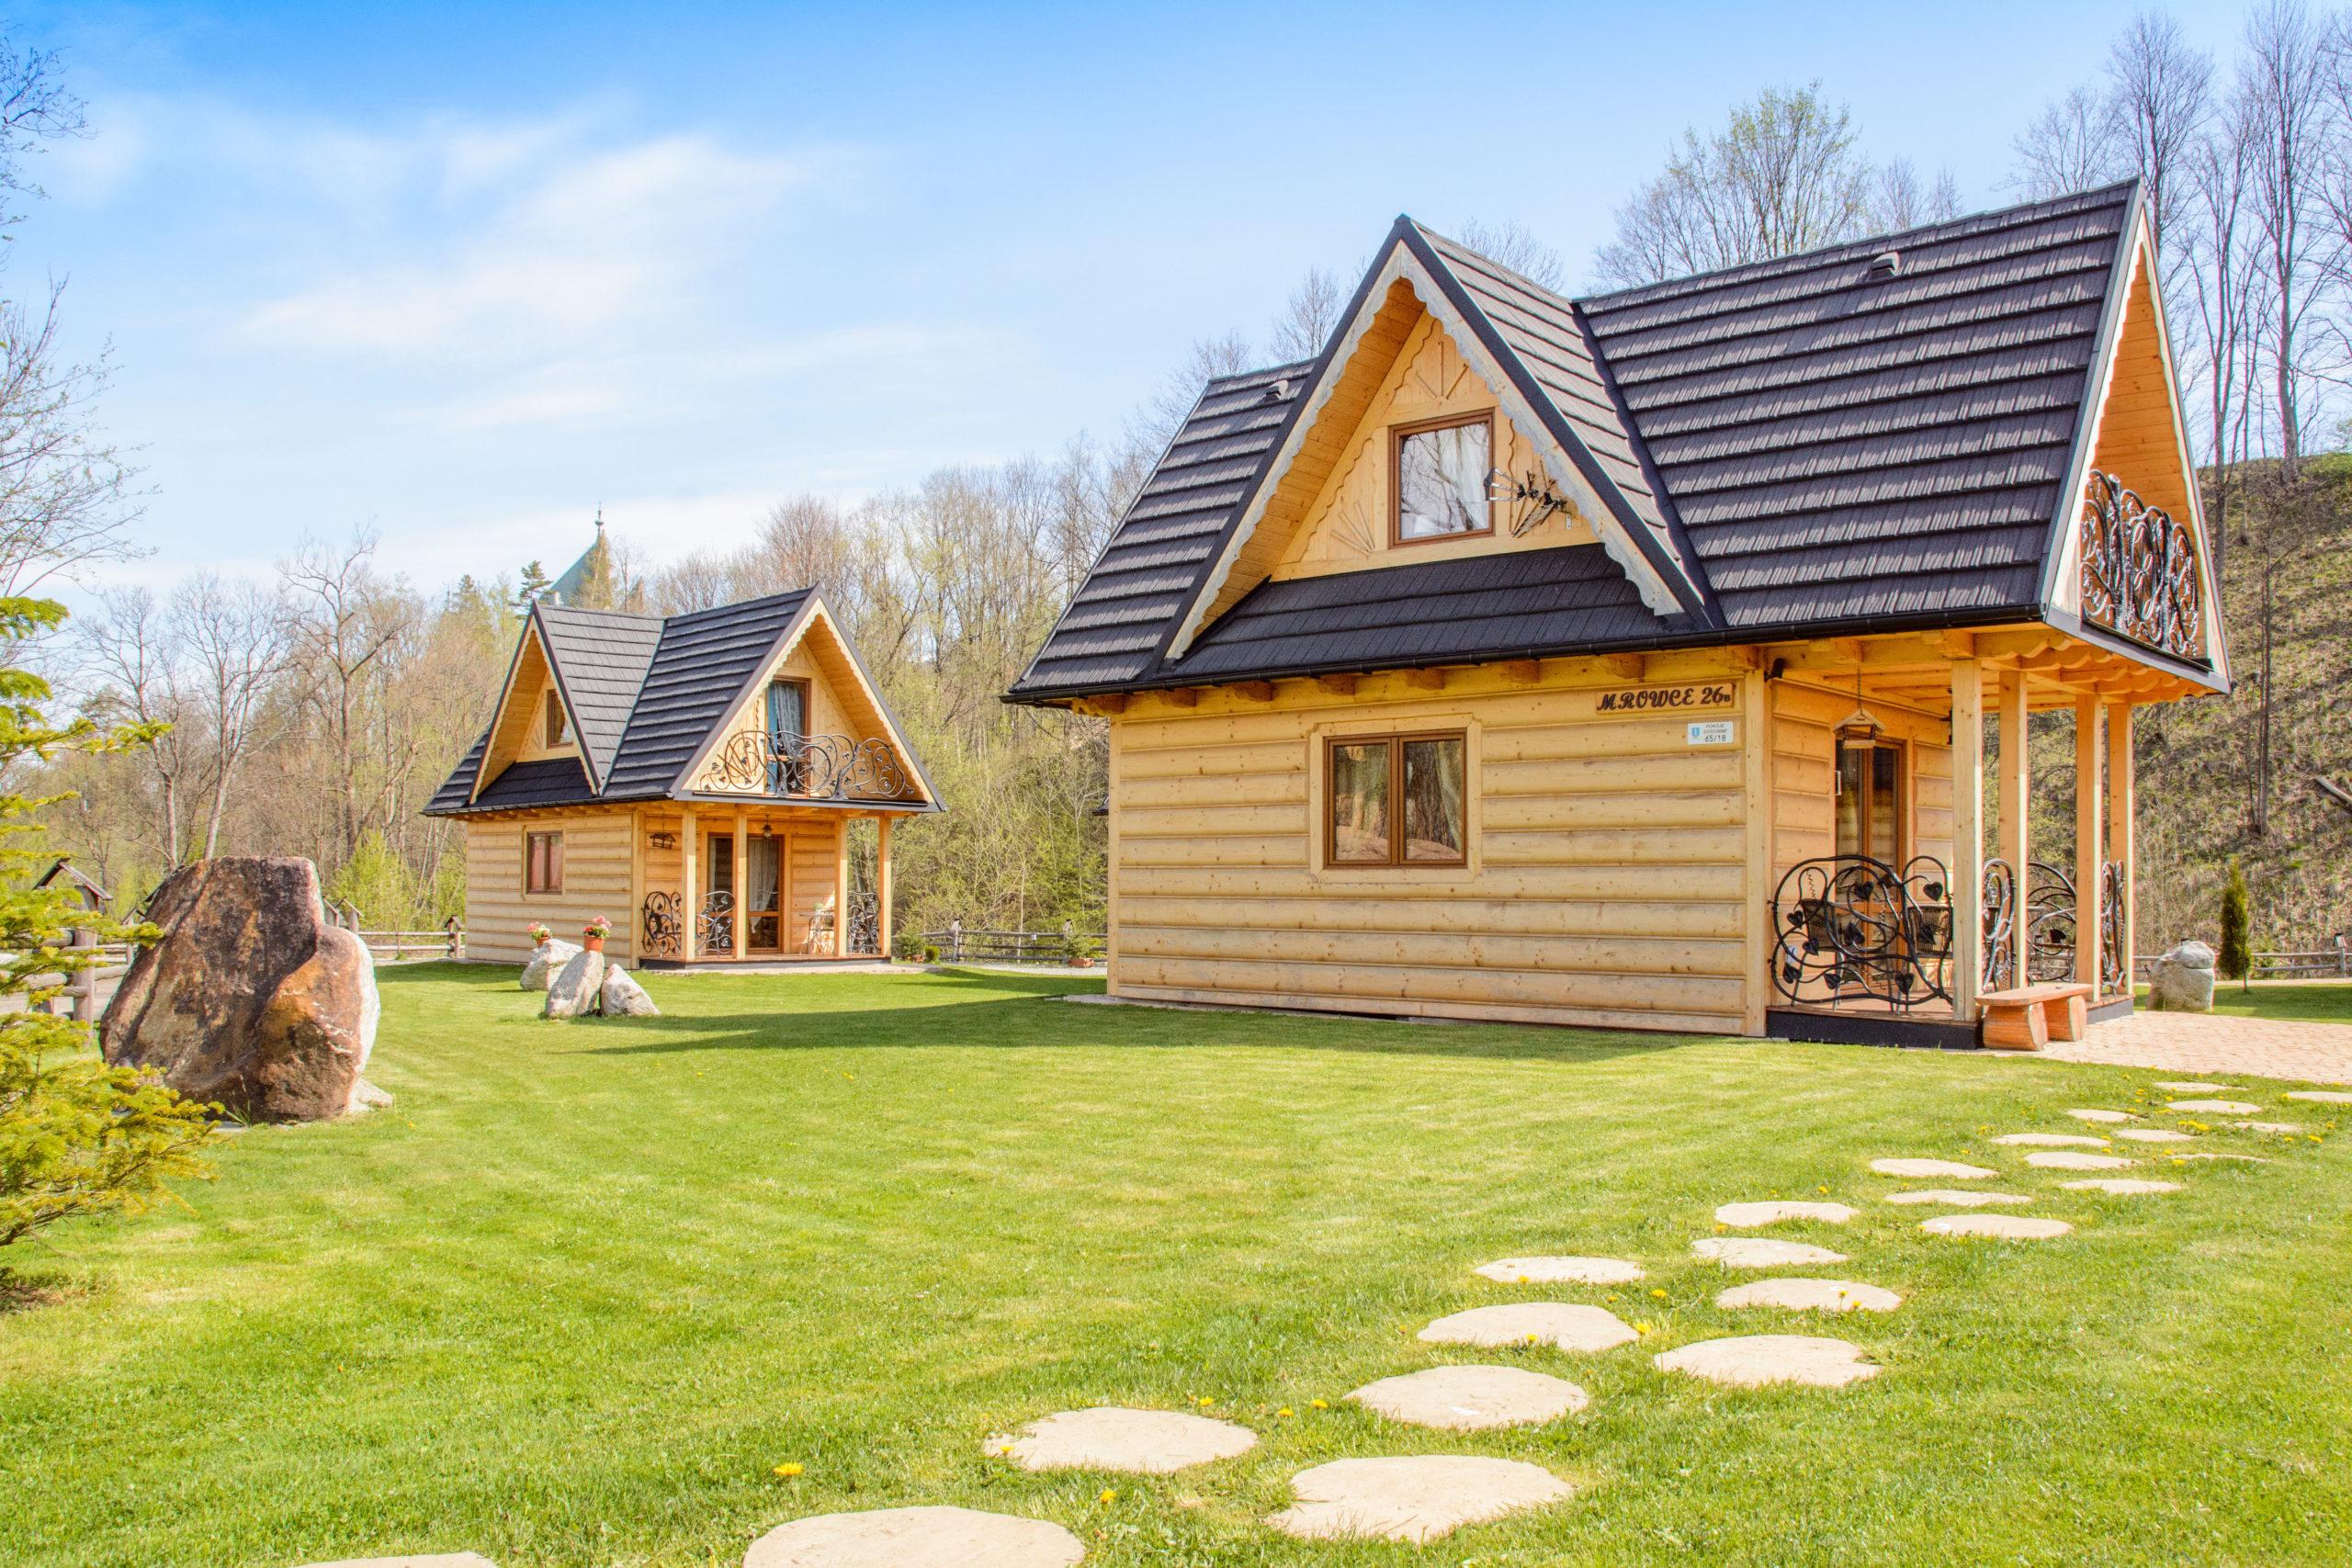 domki-gawra-zakopane-góry-tatry-noclegi-scaled5